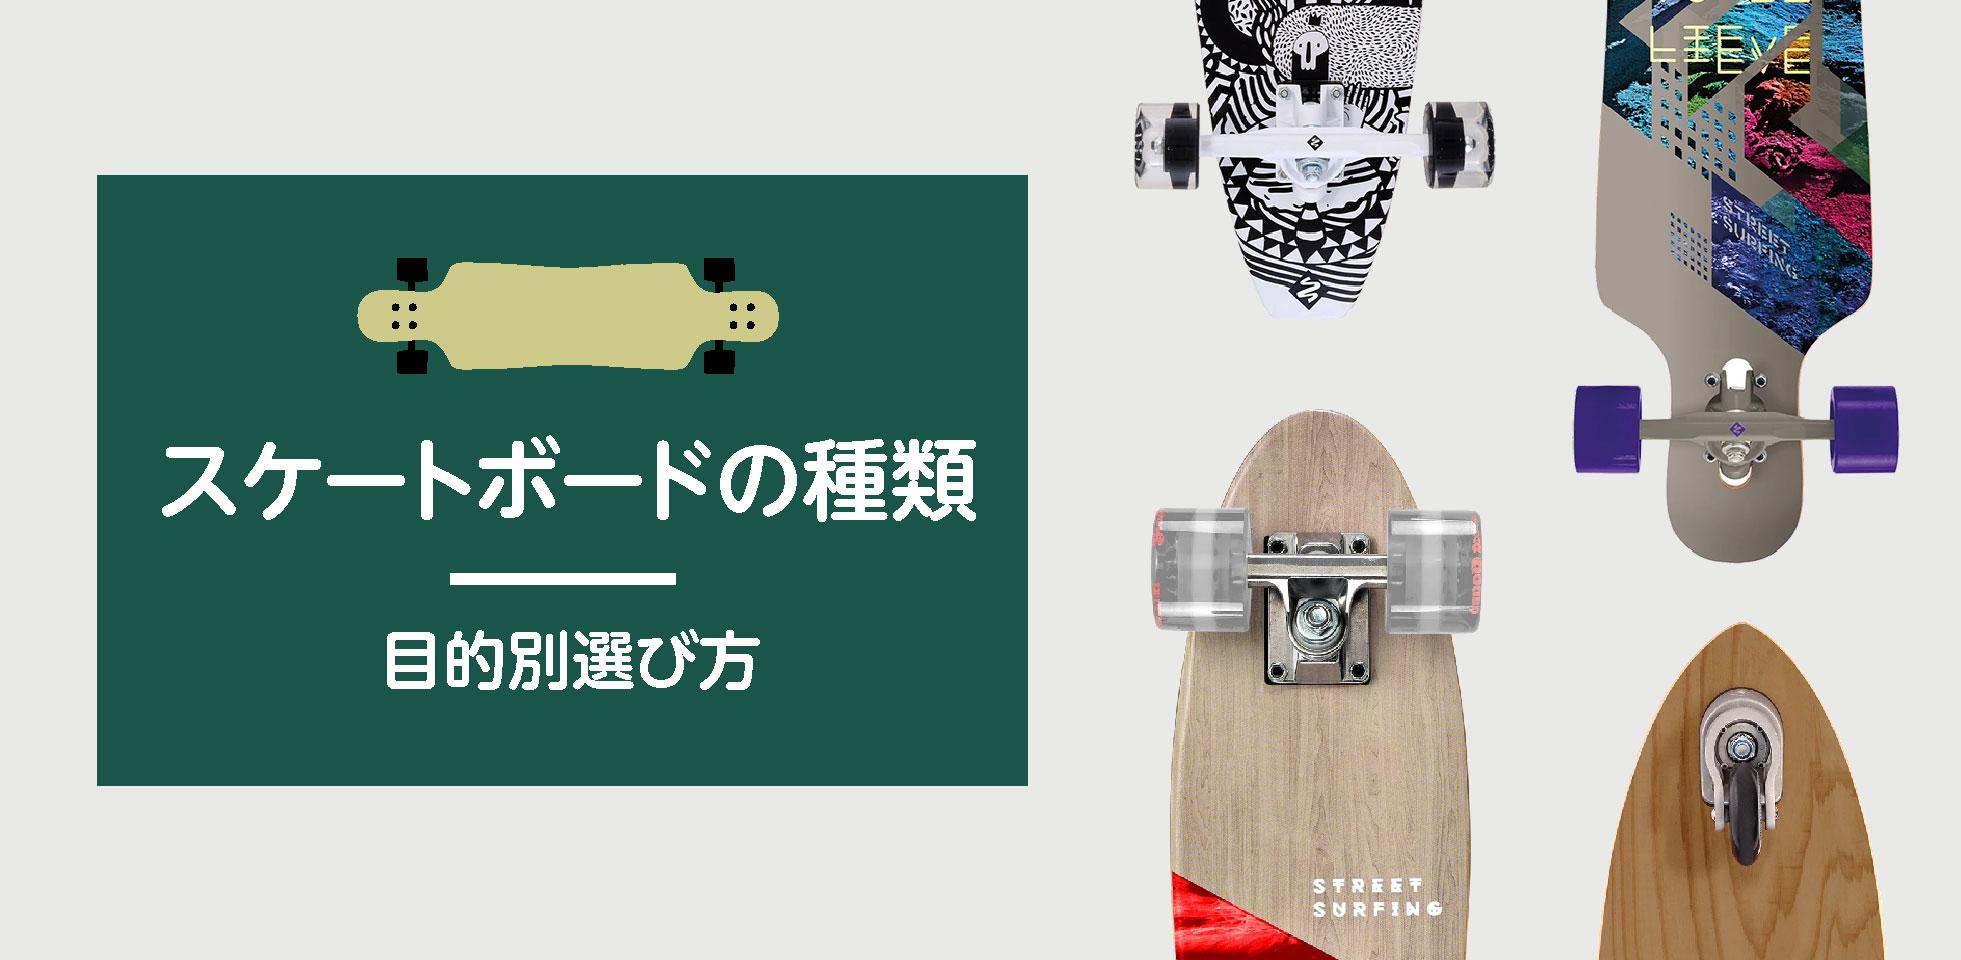 スケートボードの種類〜目的別選び方〜